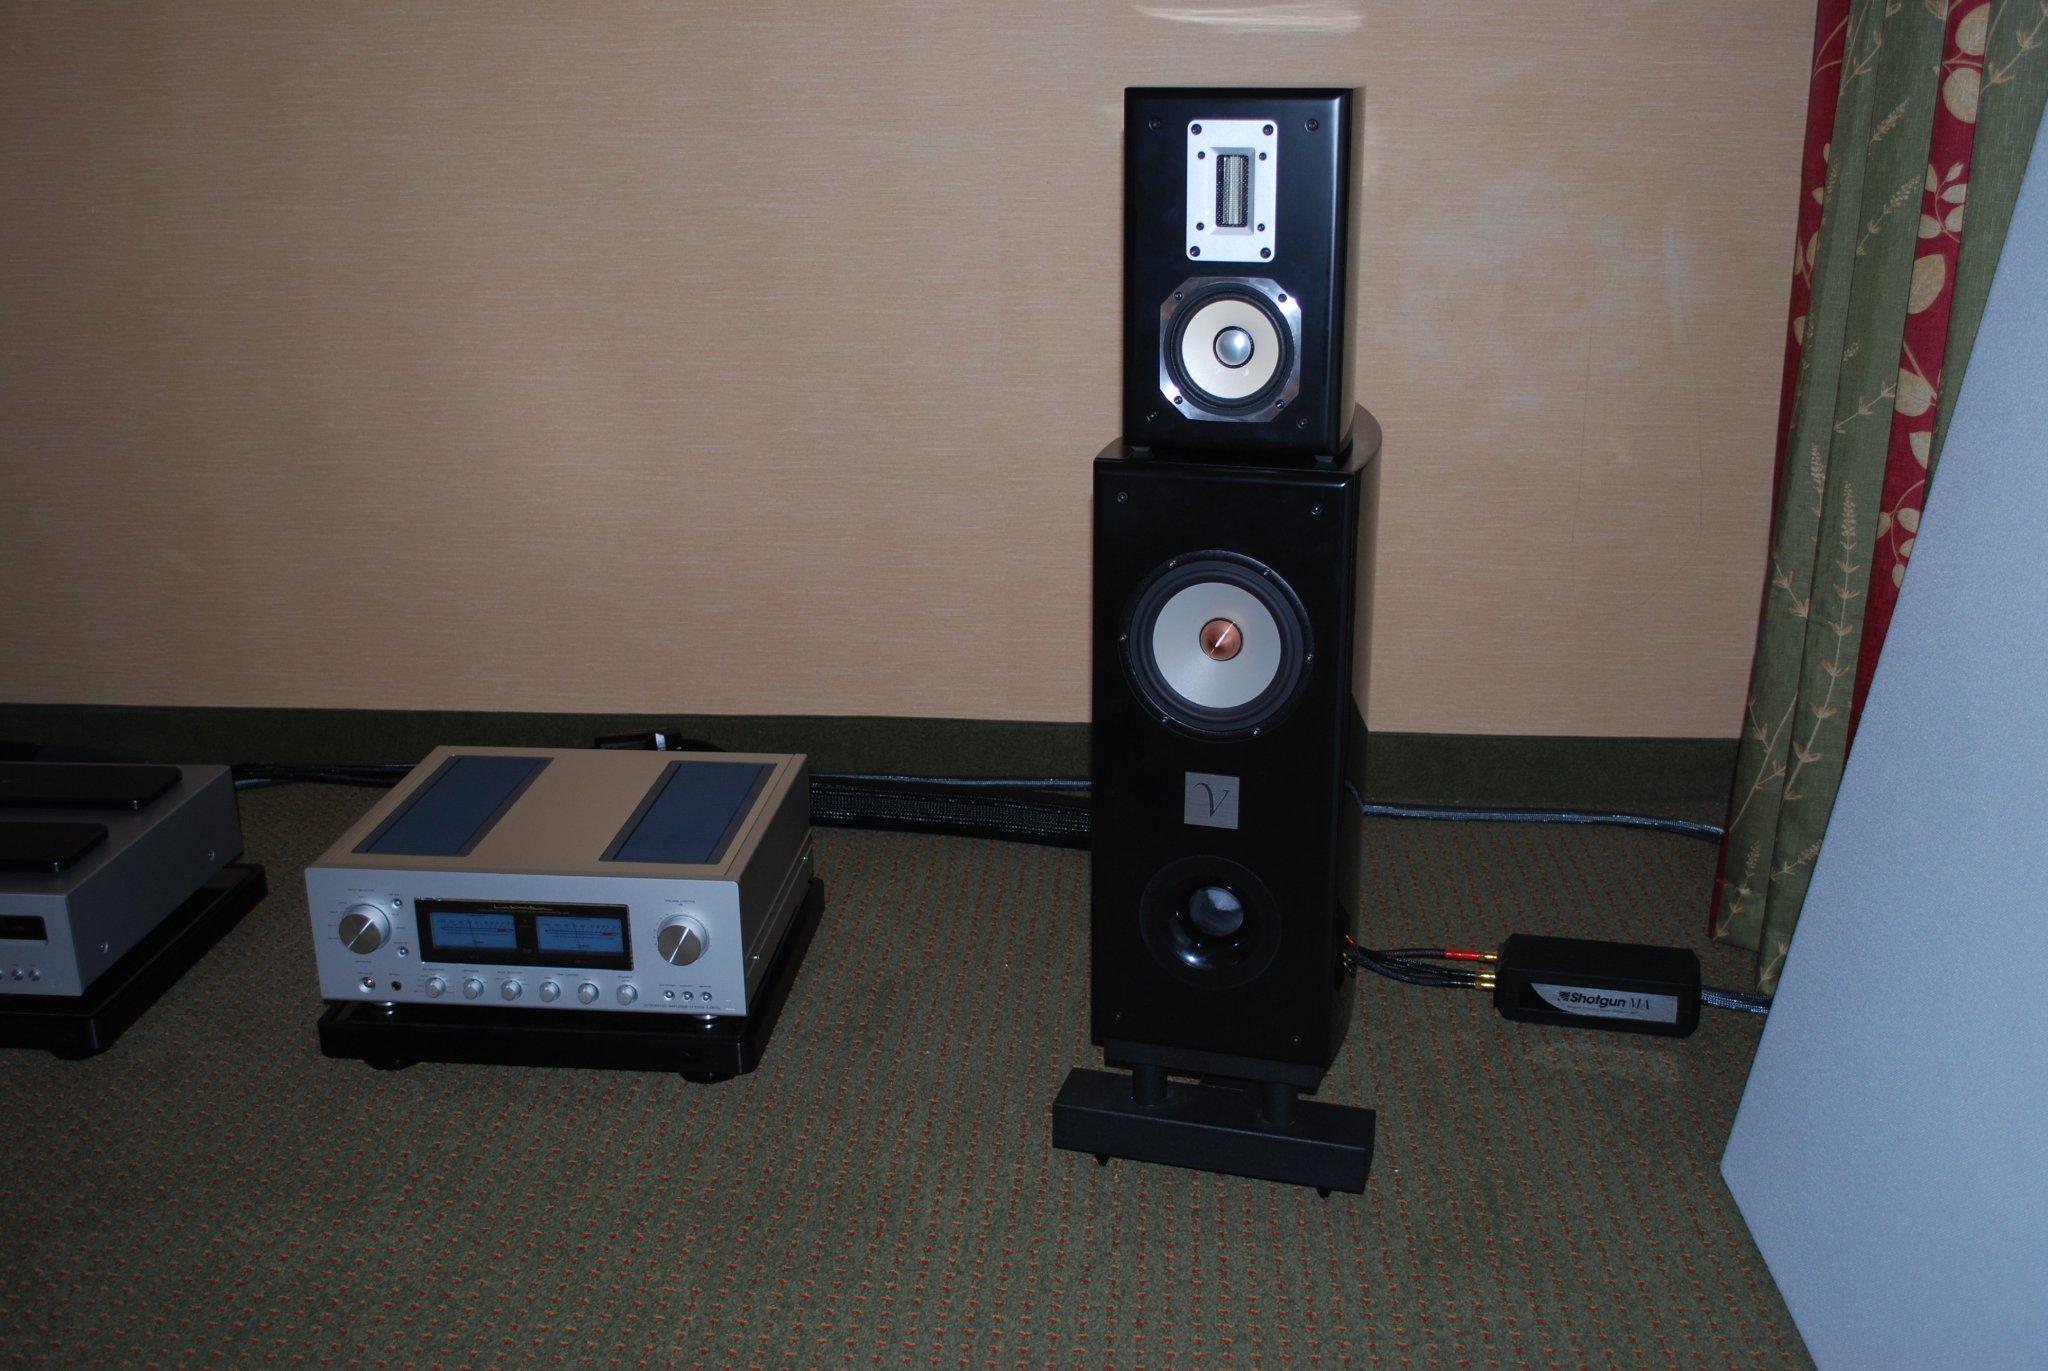 http://lonestaraudiofest.com/2010/Photos/Dsc_0055.jpg